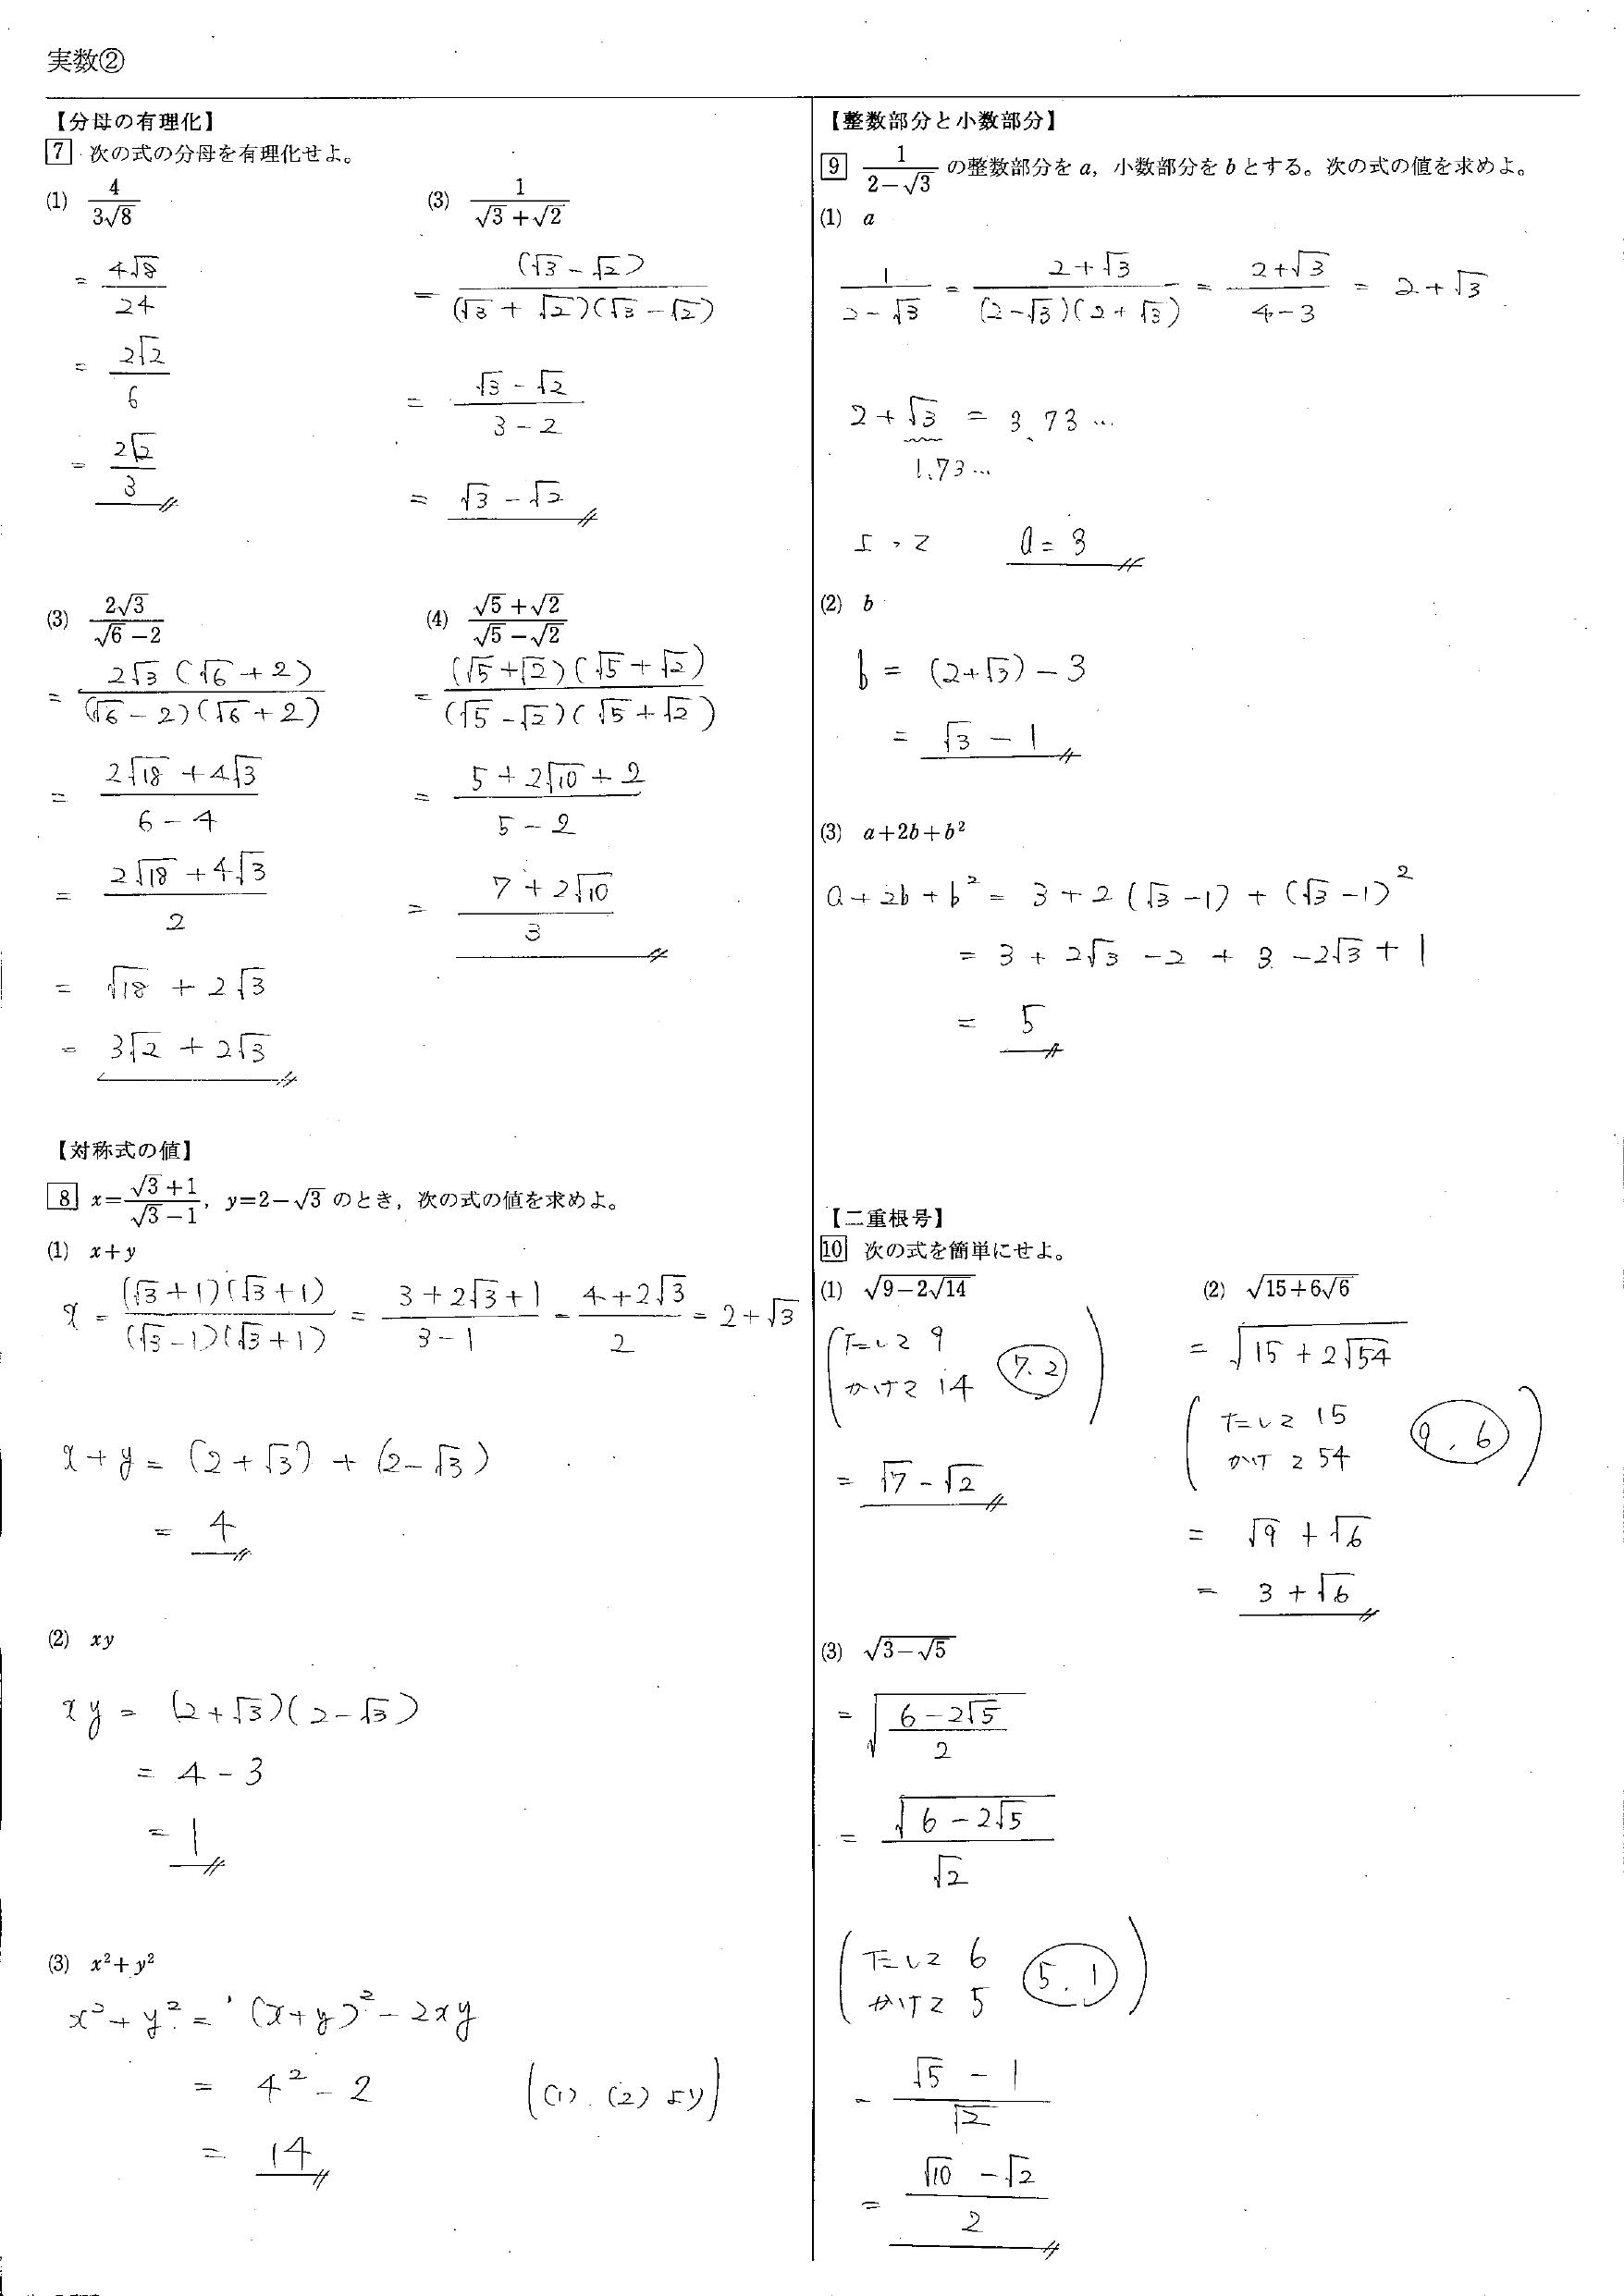 実数 教科書 まとめ 一覧 問題 解答